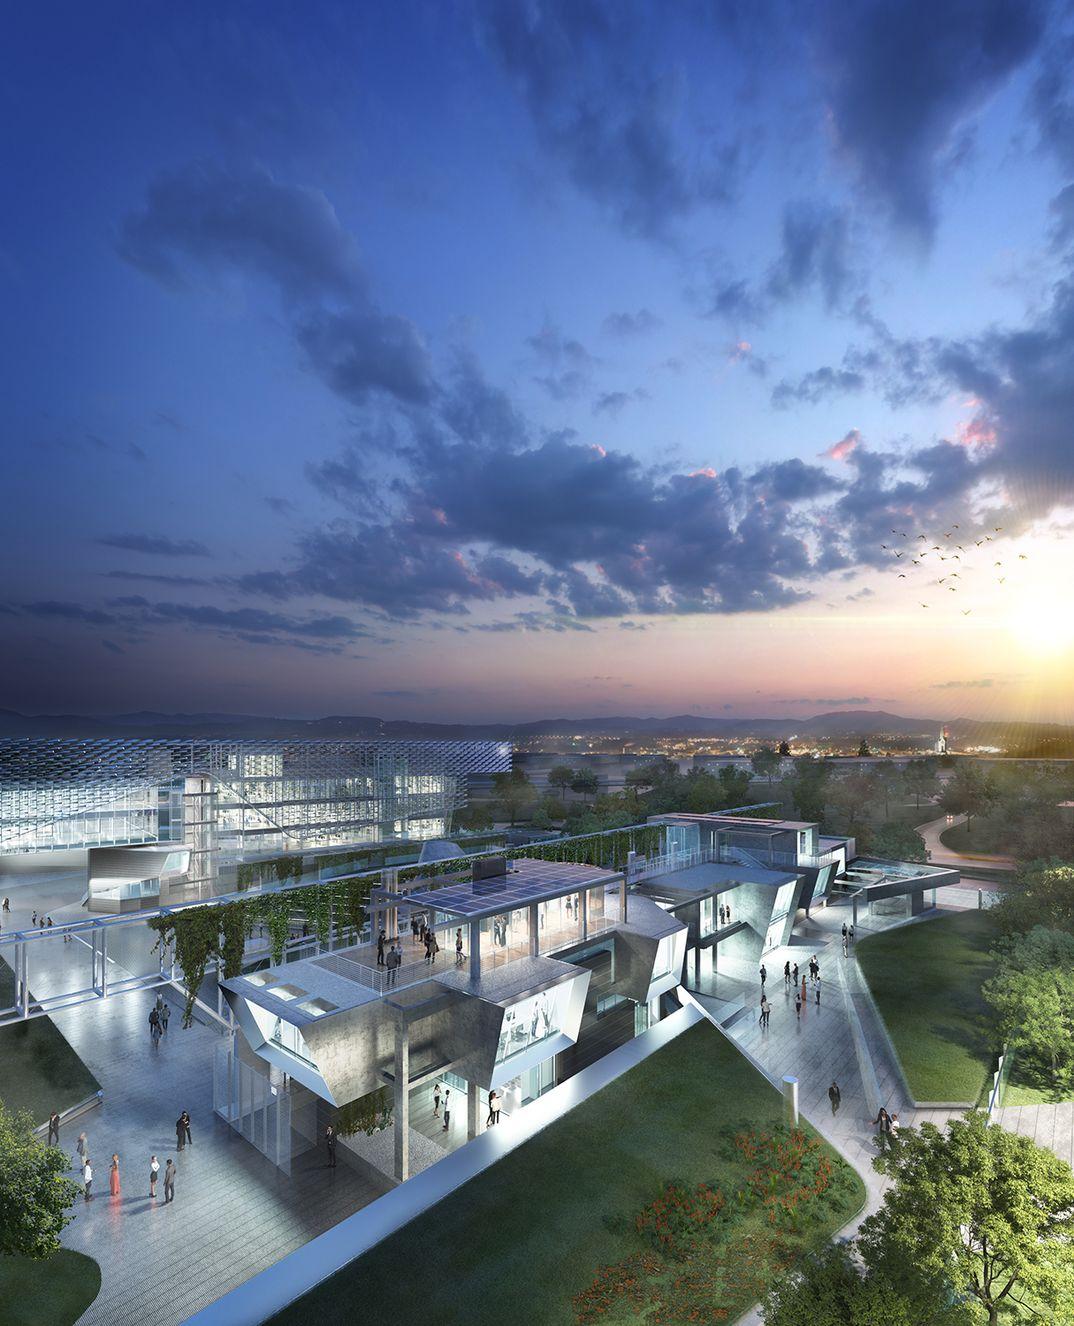 DIG 421 - Tesisquare Campus